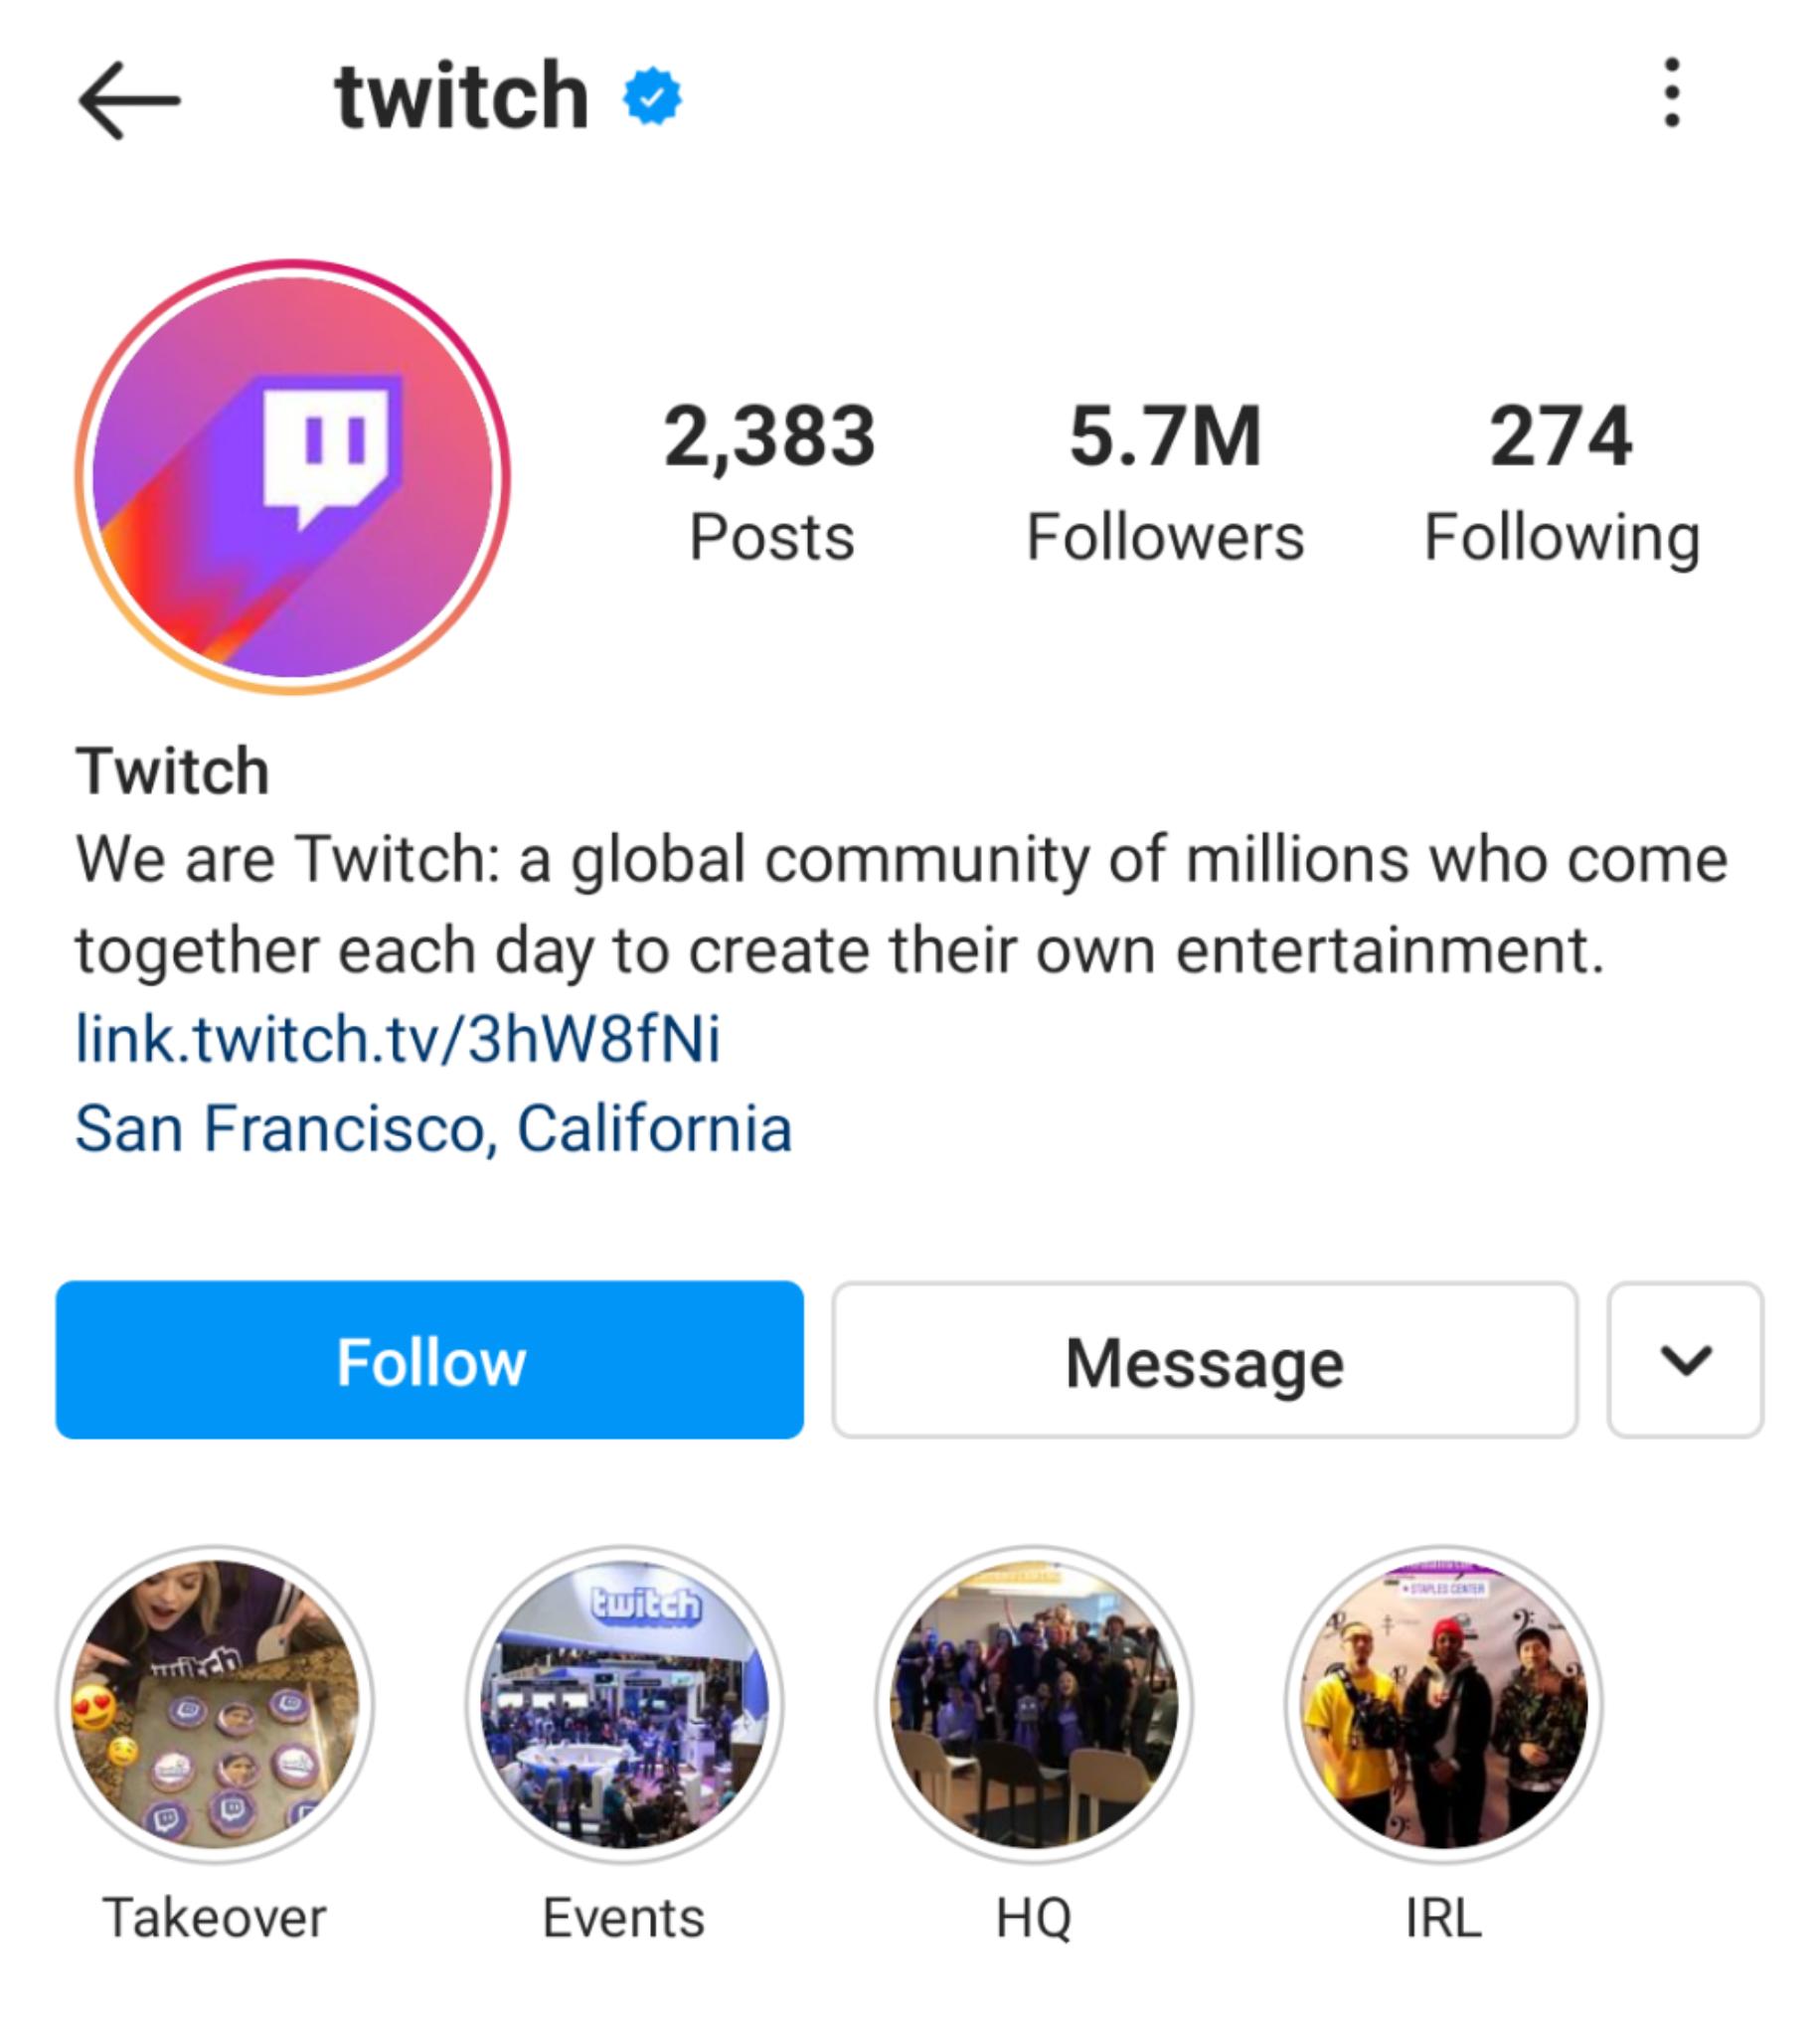 Twitch Instagram Stories